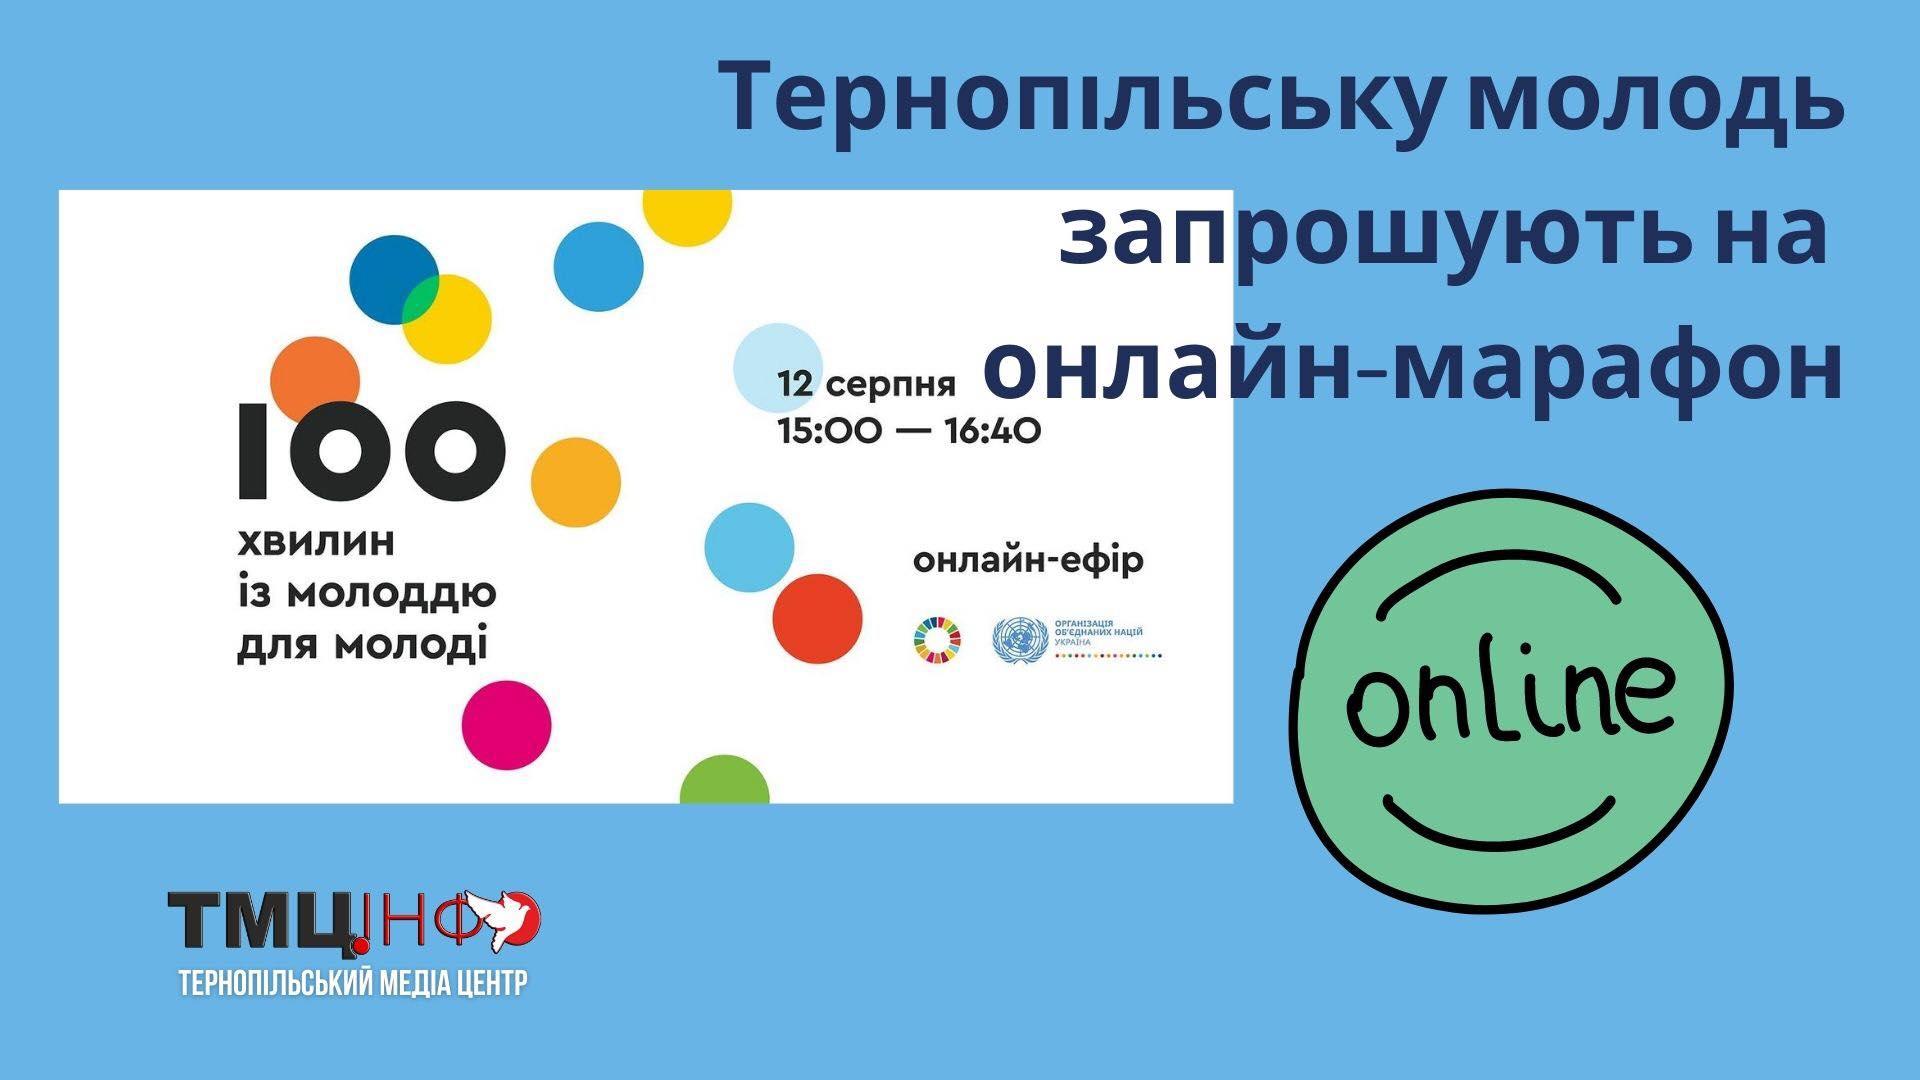 Тернопільську молодь запрошують на онлайн-марафон